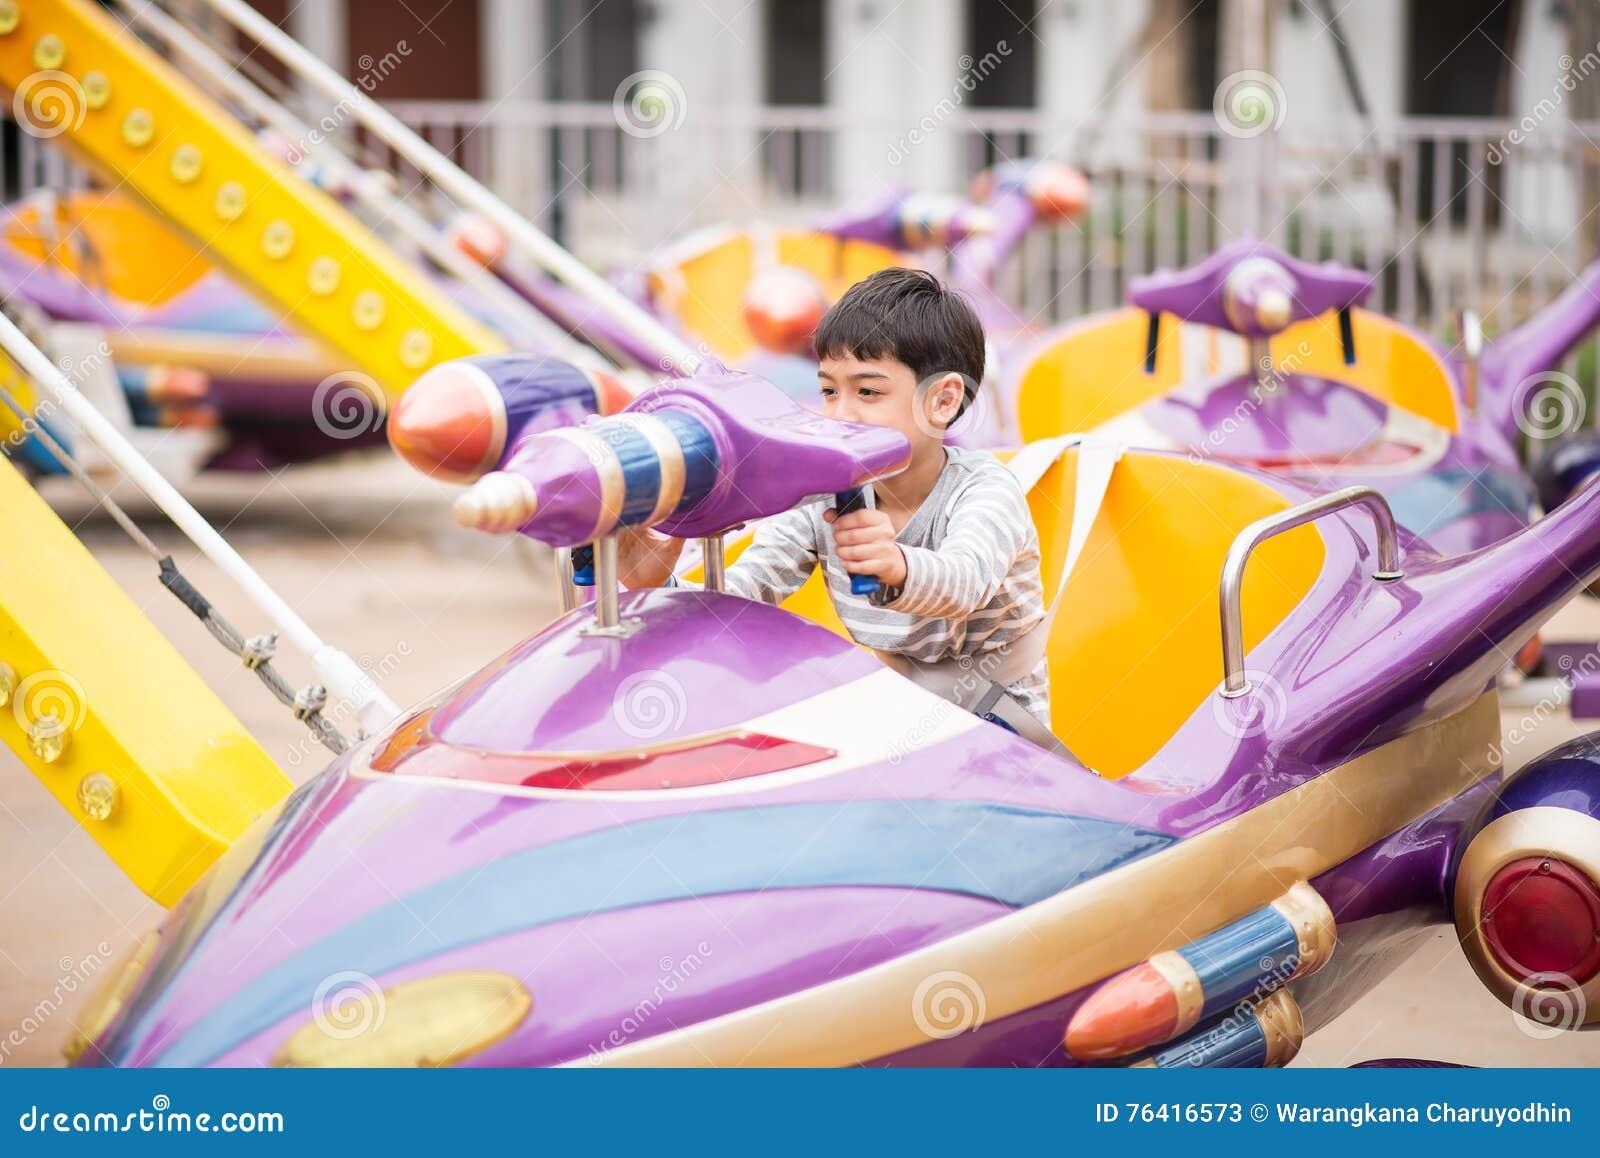 Weinig jongen in pretpark openlucht